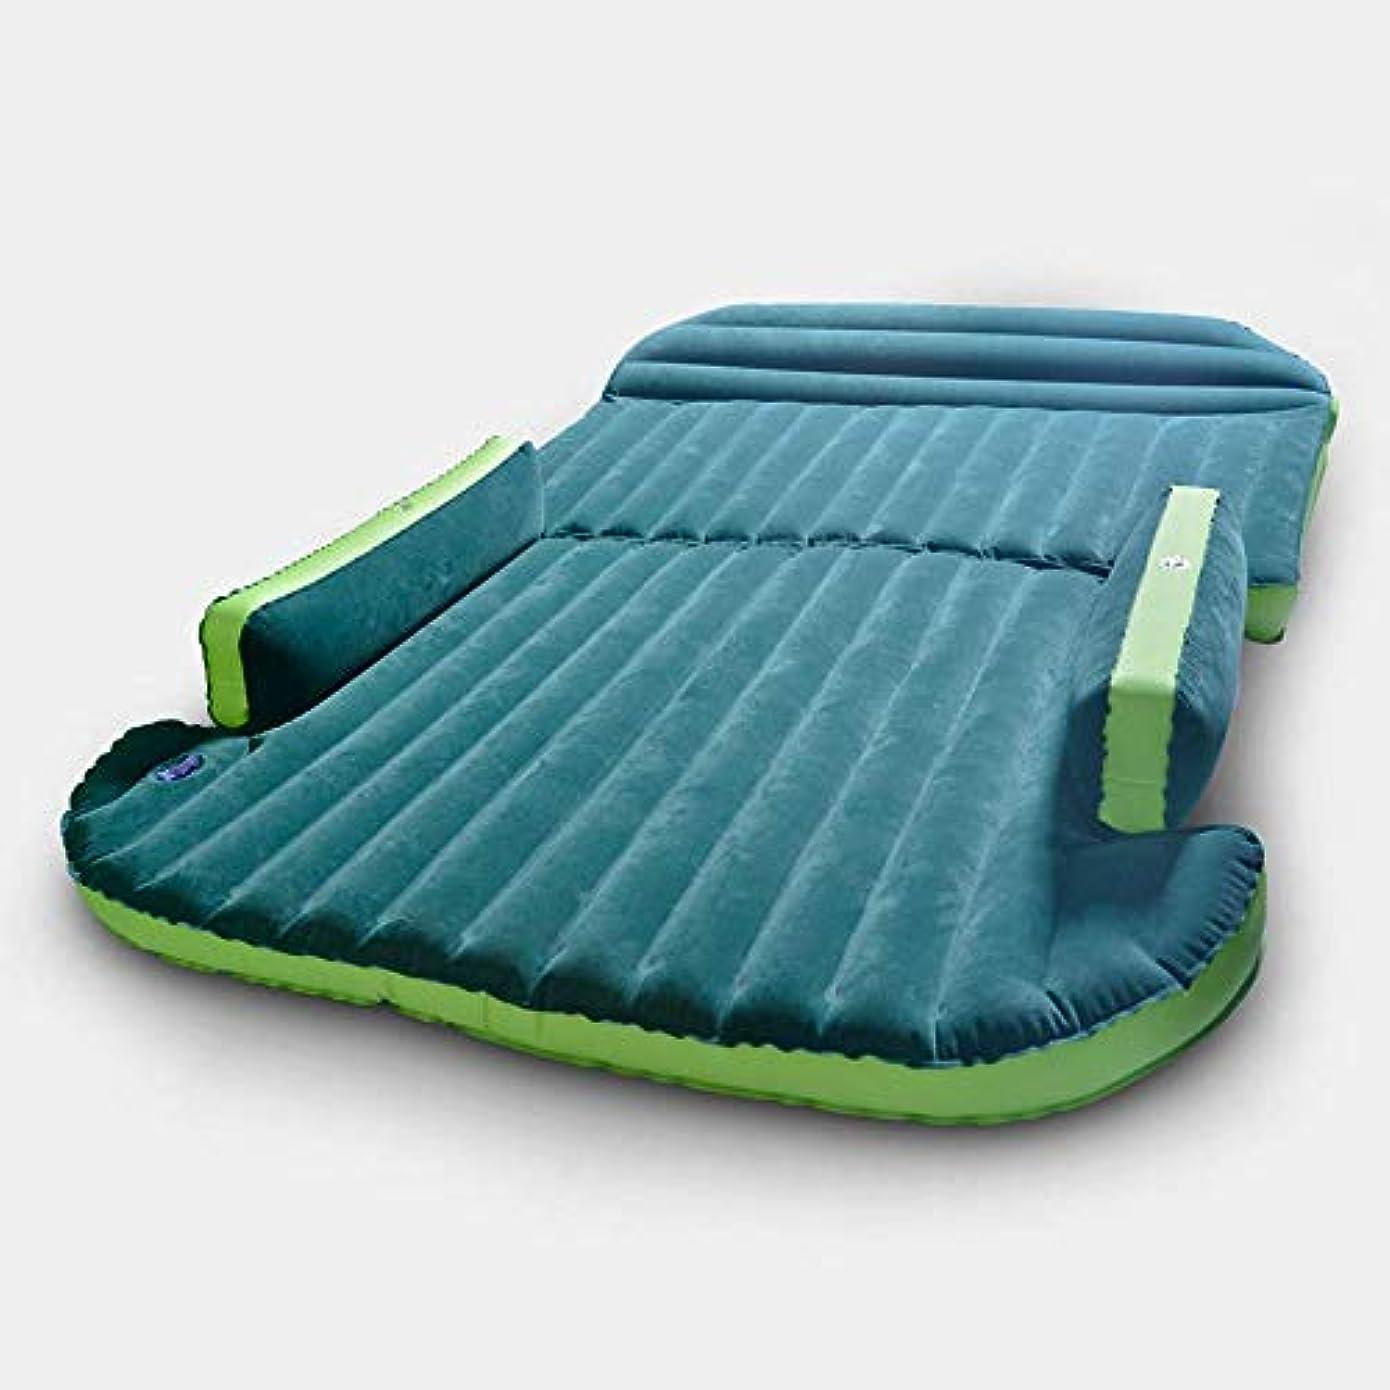 議論する調べる克服する車の膨脹可能なベッドSUVのトランクの緑の折りたたみ膨脹可能なベッド大人の屋外旅行の耐震性の旅行空気ベッドを含む空気ポンプ空気bedcarの膨脹可能な旅行ベッド車の空気ベッドinfl